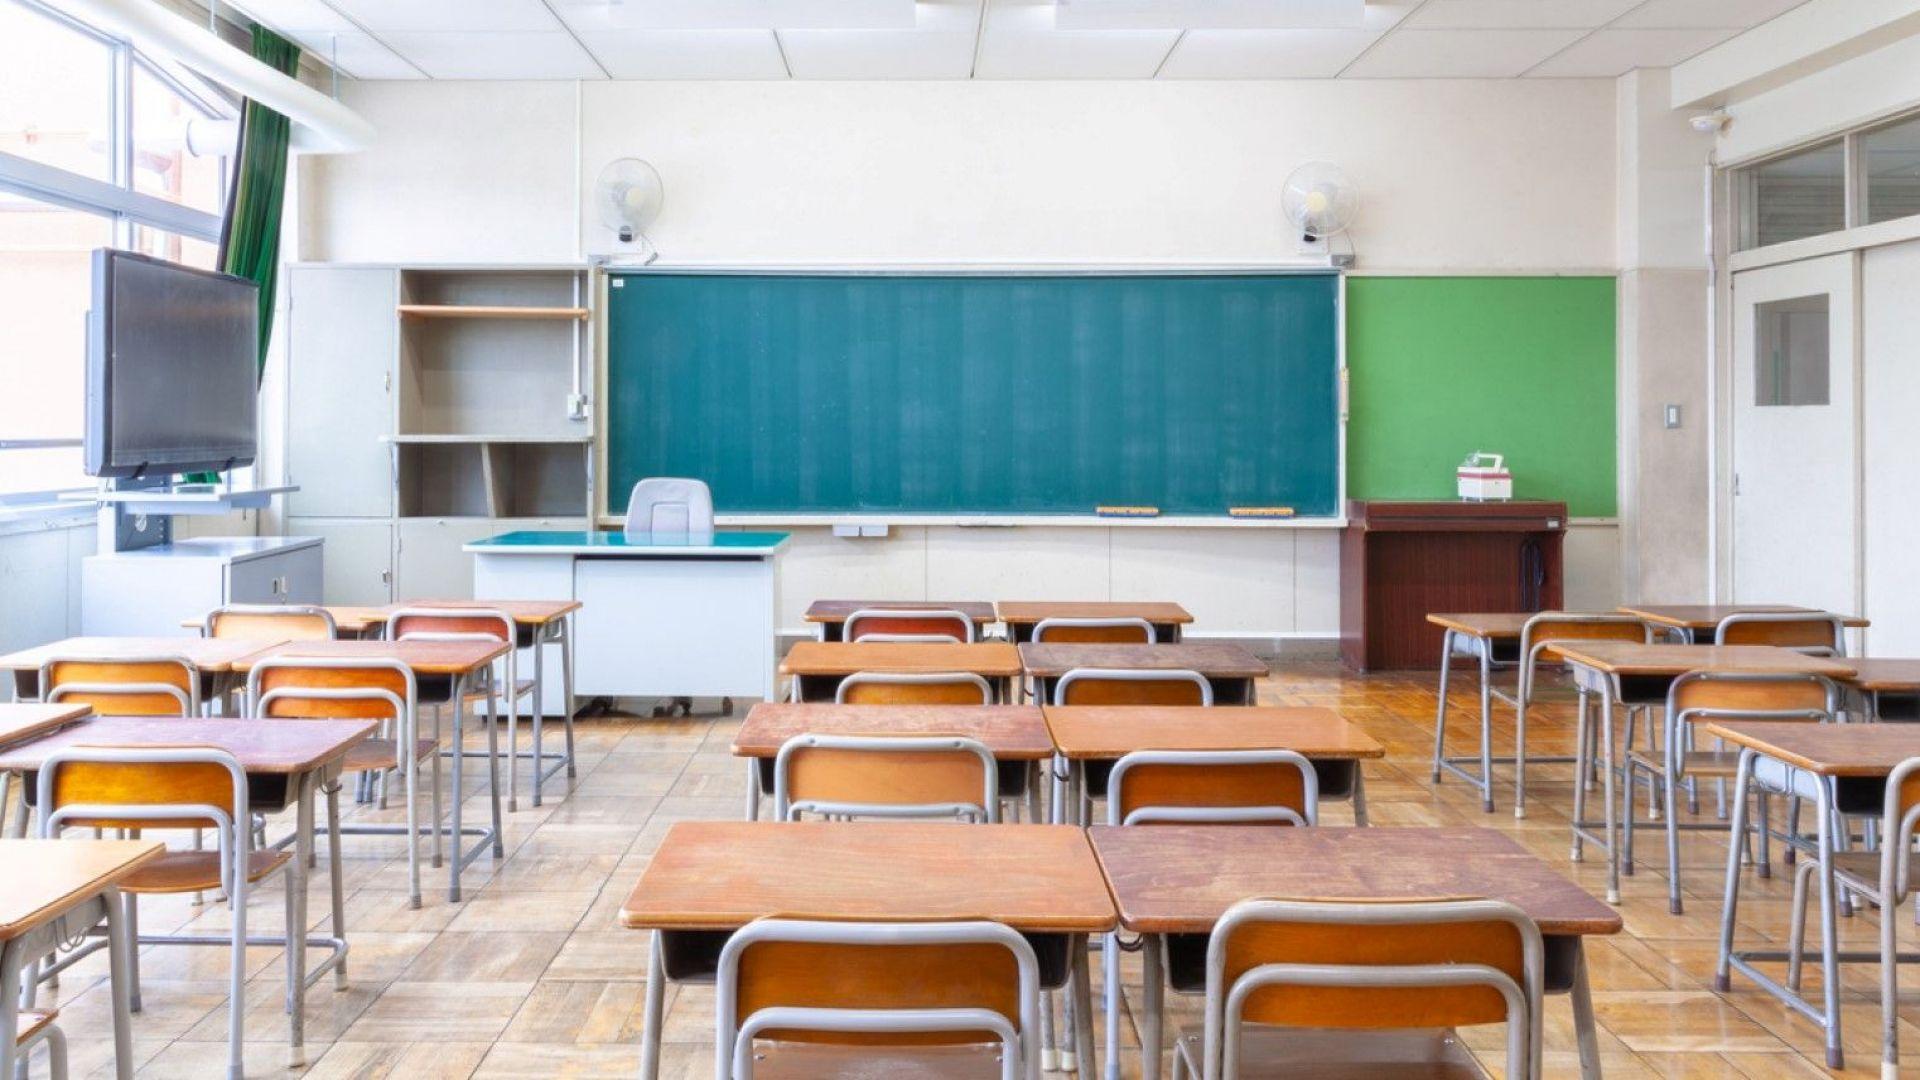 Полицията започва проверка в пловдивска гимназия заради сигнал за насилие